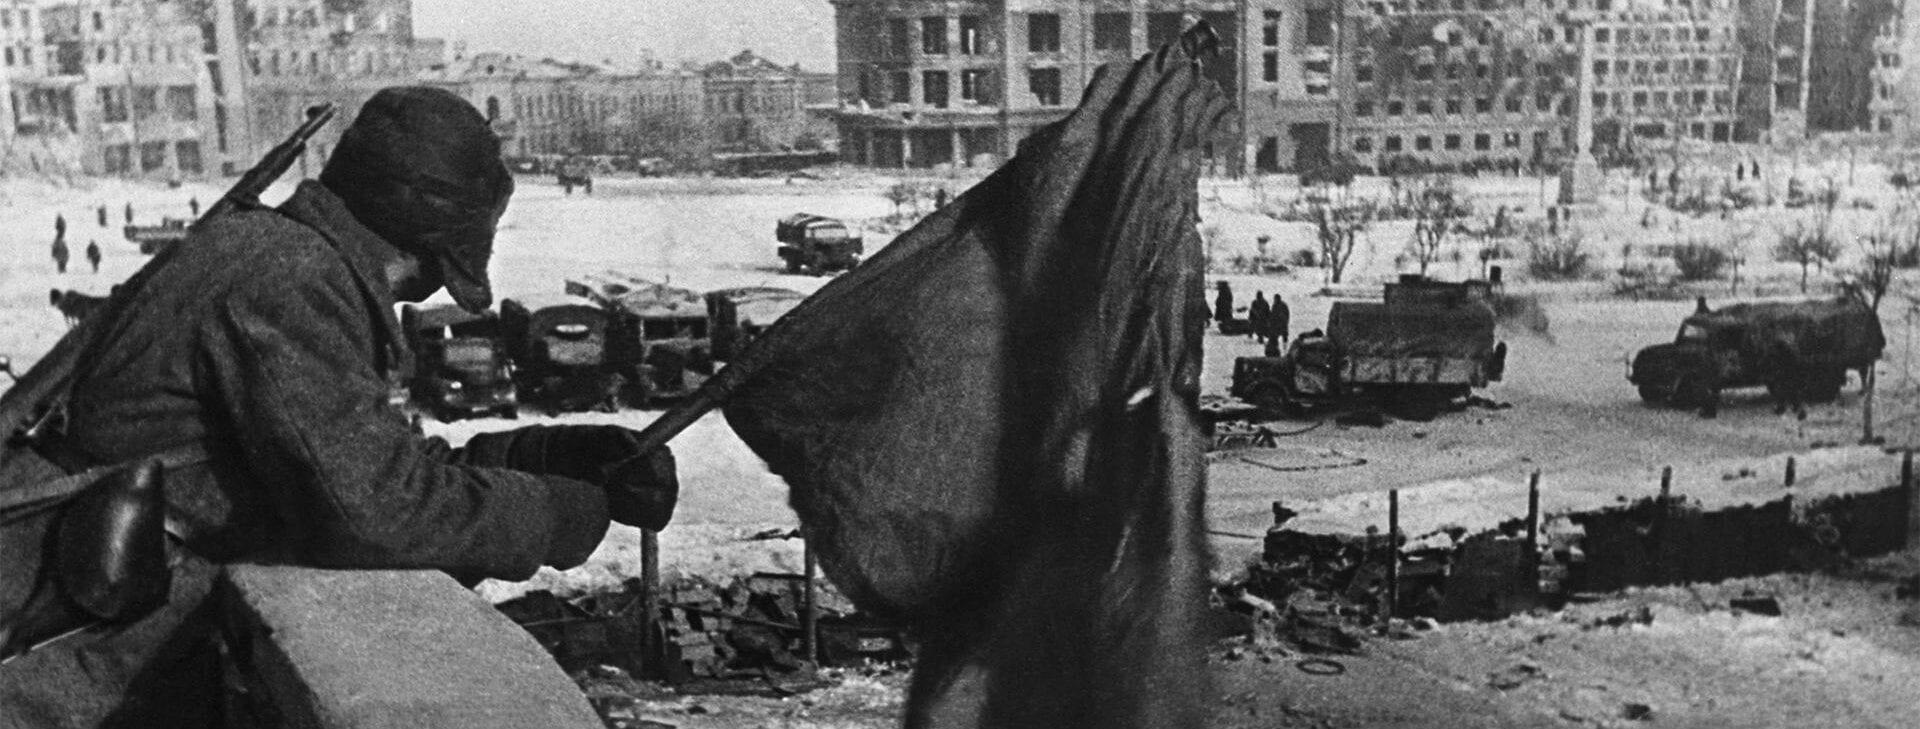 التاريخ العسكري التاريخ العسكري.. دوره وأهميته في الإعداد 10